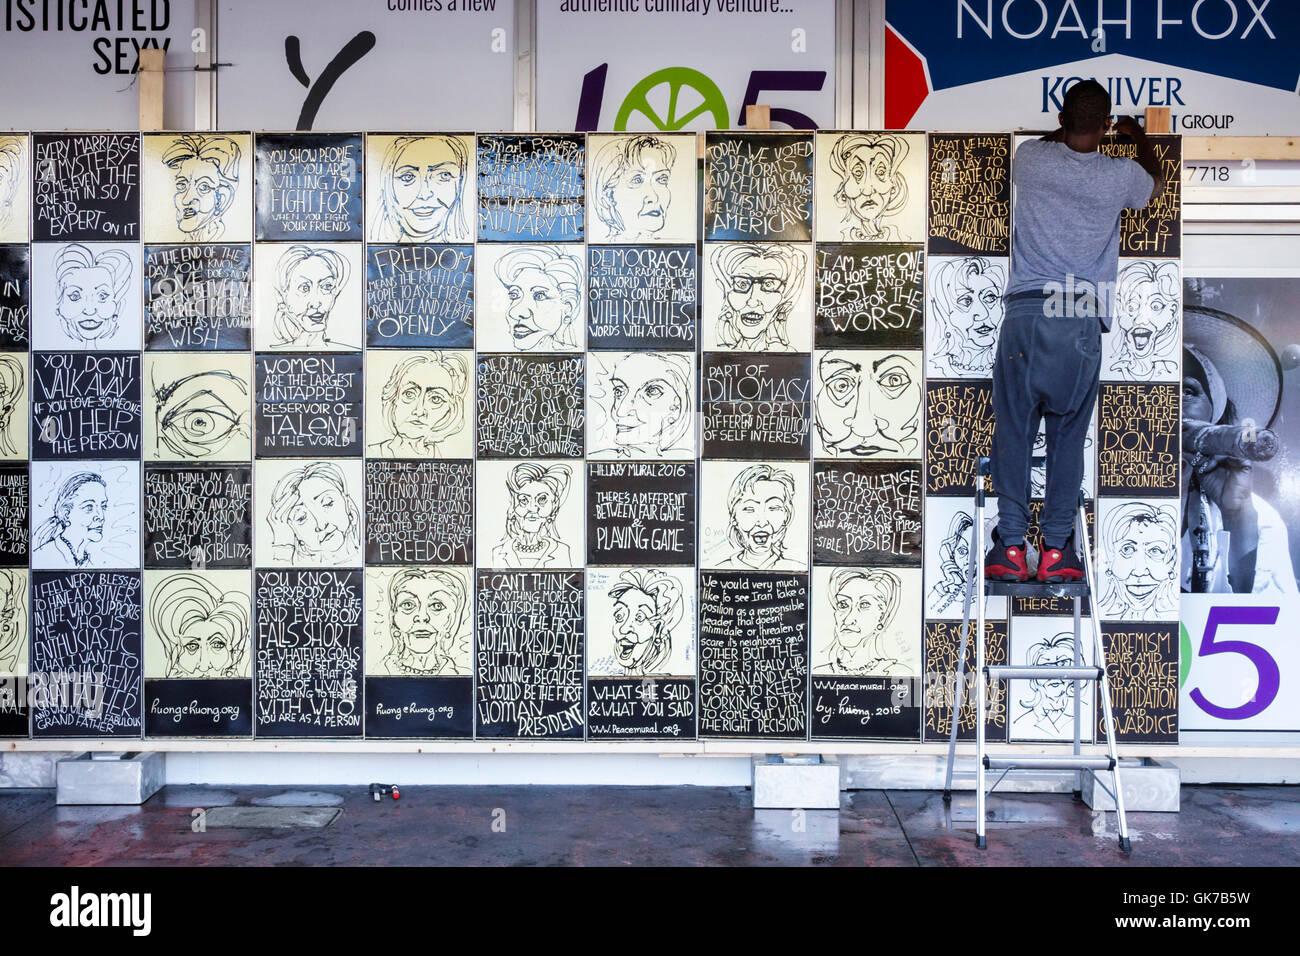 Florida miami beach Frieden Wandbild Stiftung huong Künstler Wandbild politischen Hillary Clinton Präsidentschaftskandidat Stockbild